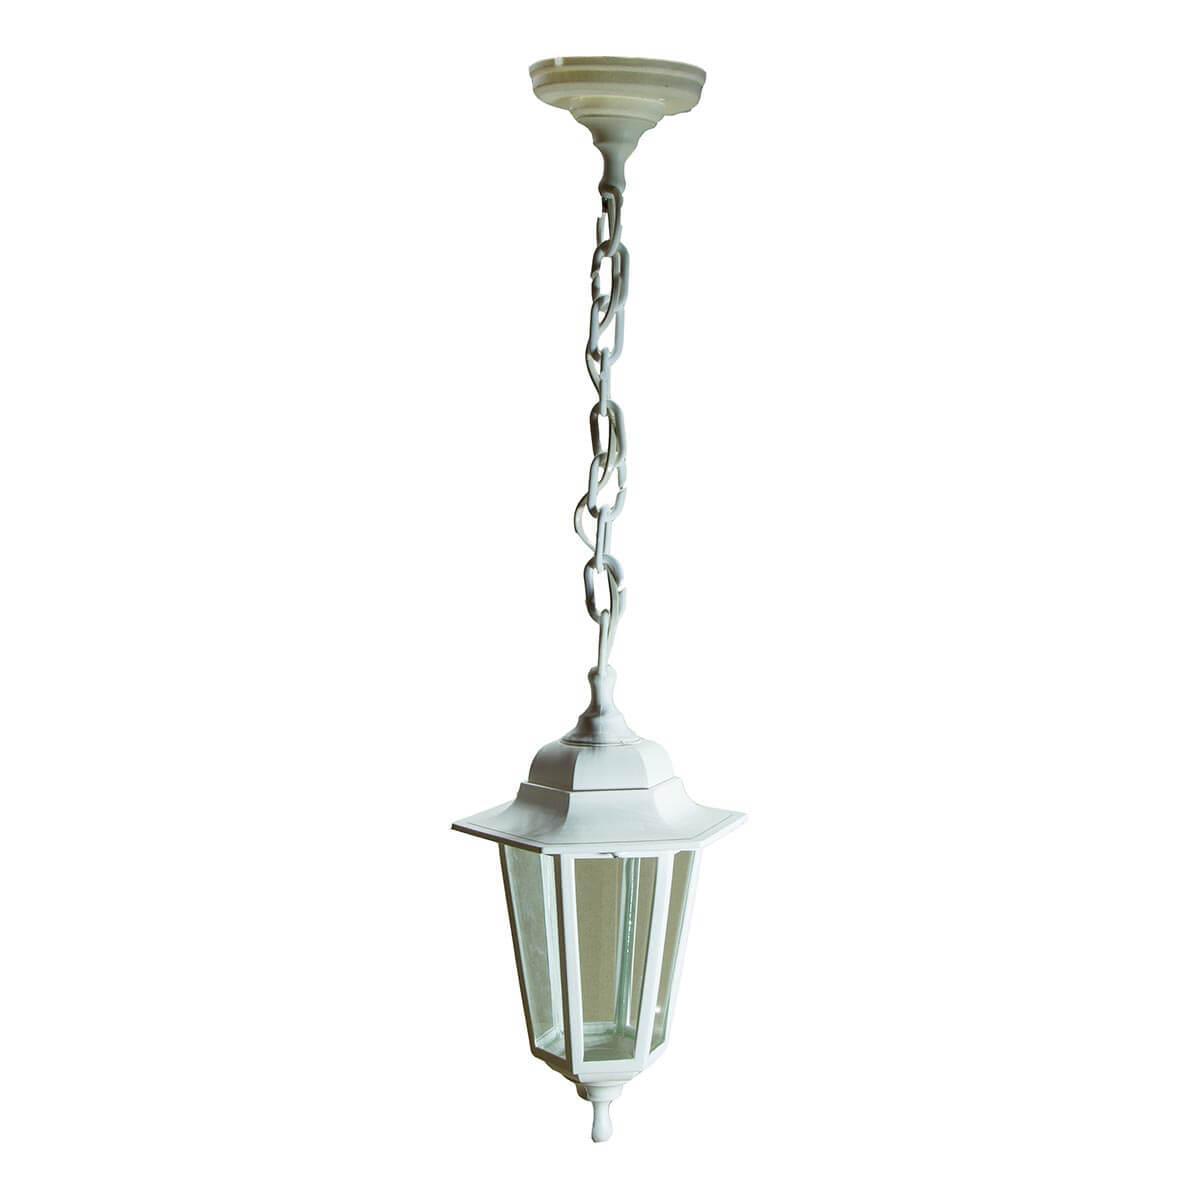 Уличный подвесной светильник ЭРА Адель белый НСУ 06-60-001 Б0048110